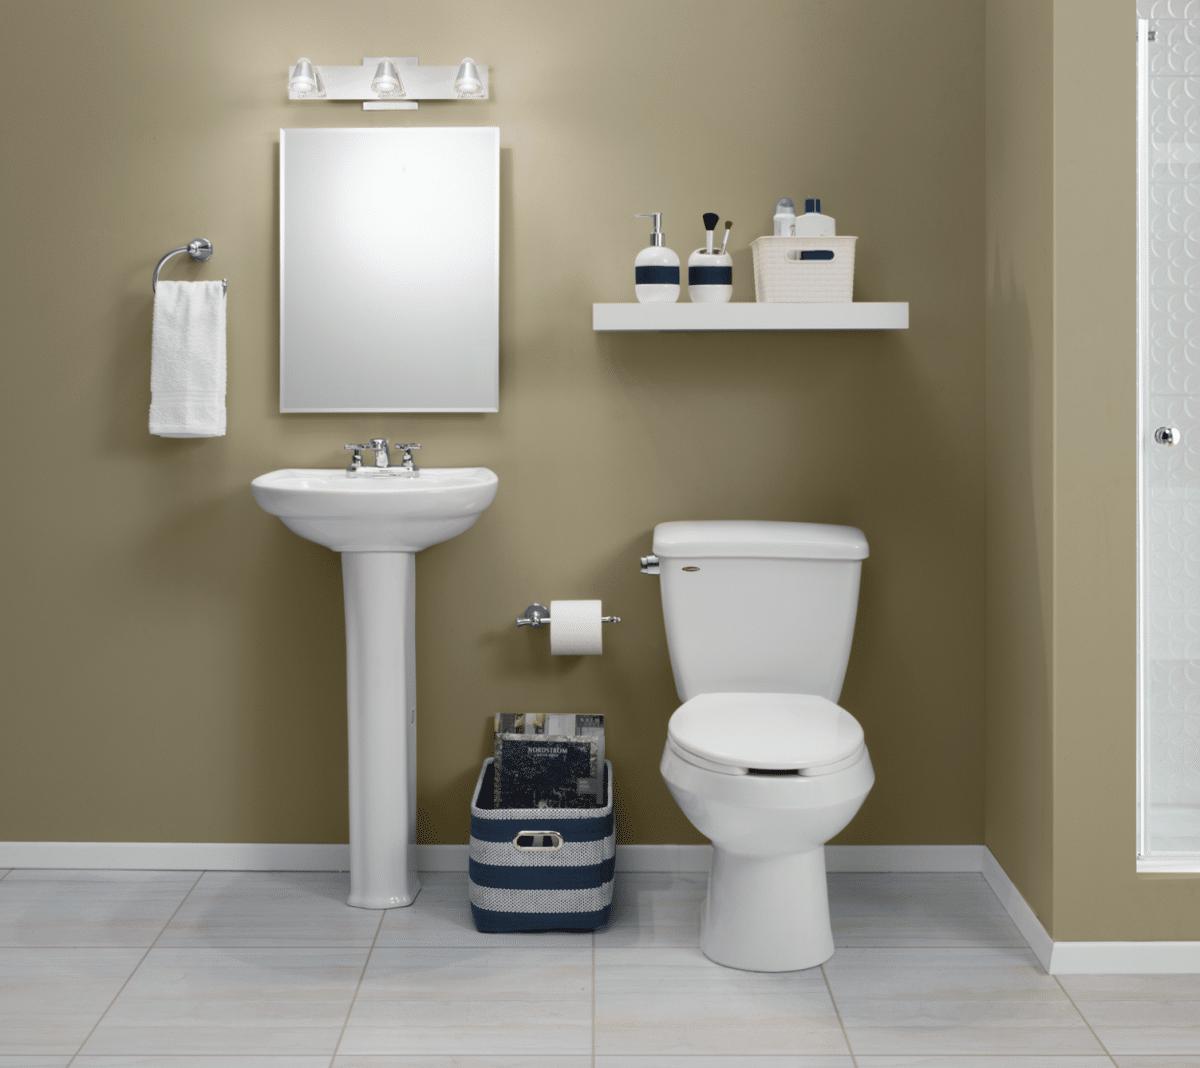 7 ideas para ba os peque os the home depot blog - Presupuesto para hacer un bano ...